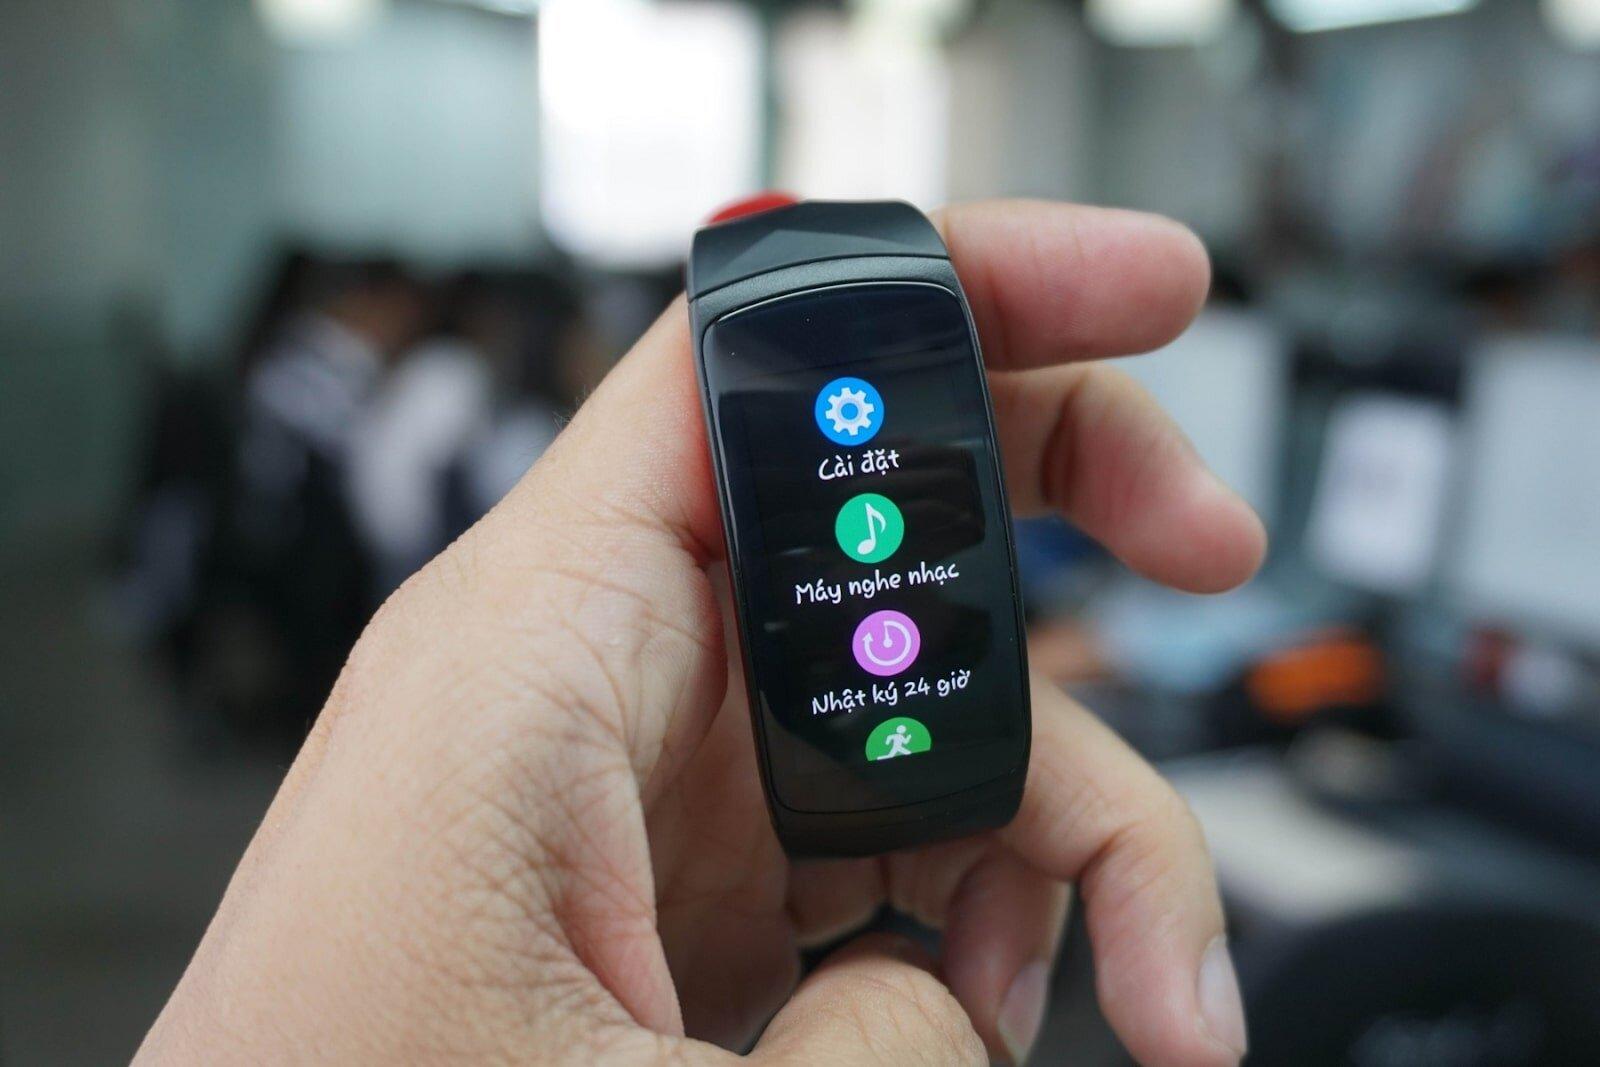 Giao diện Gear Fit 2 đẹp mắt, sắc nét, hiển thị bằng tiếng Việt rõ ràng, dễ sử dụng